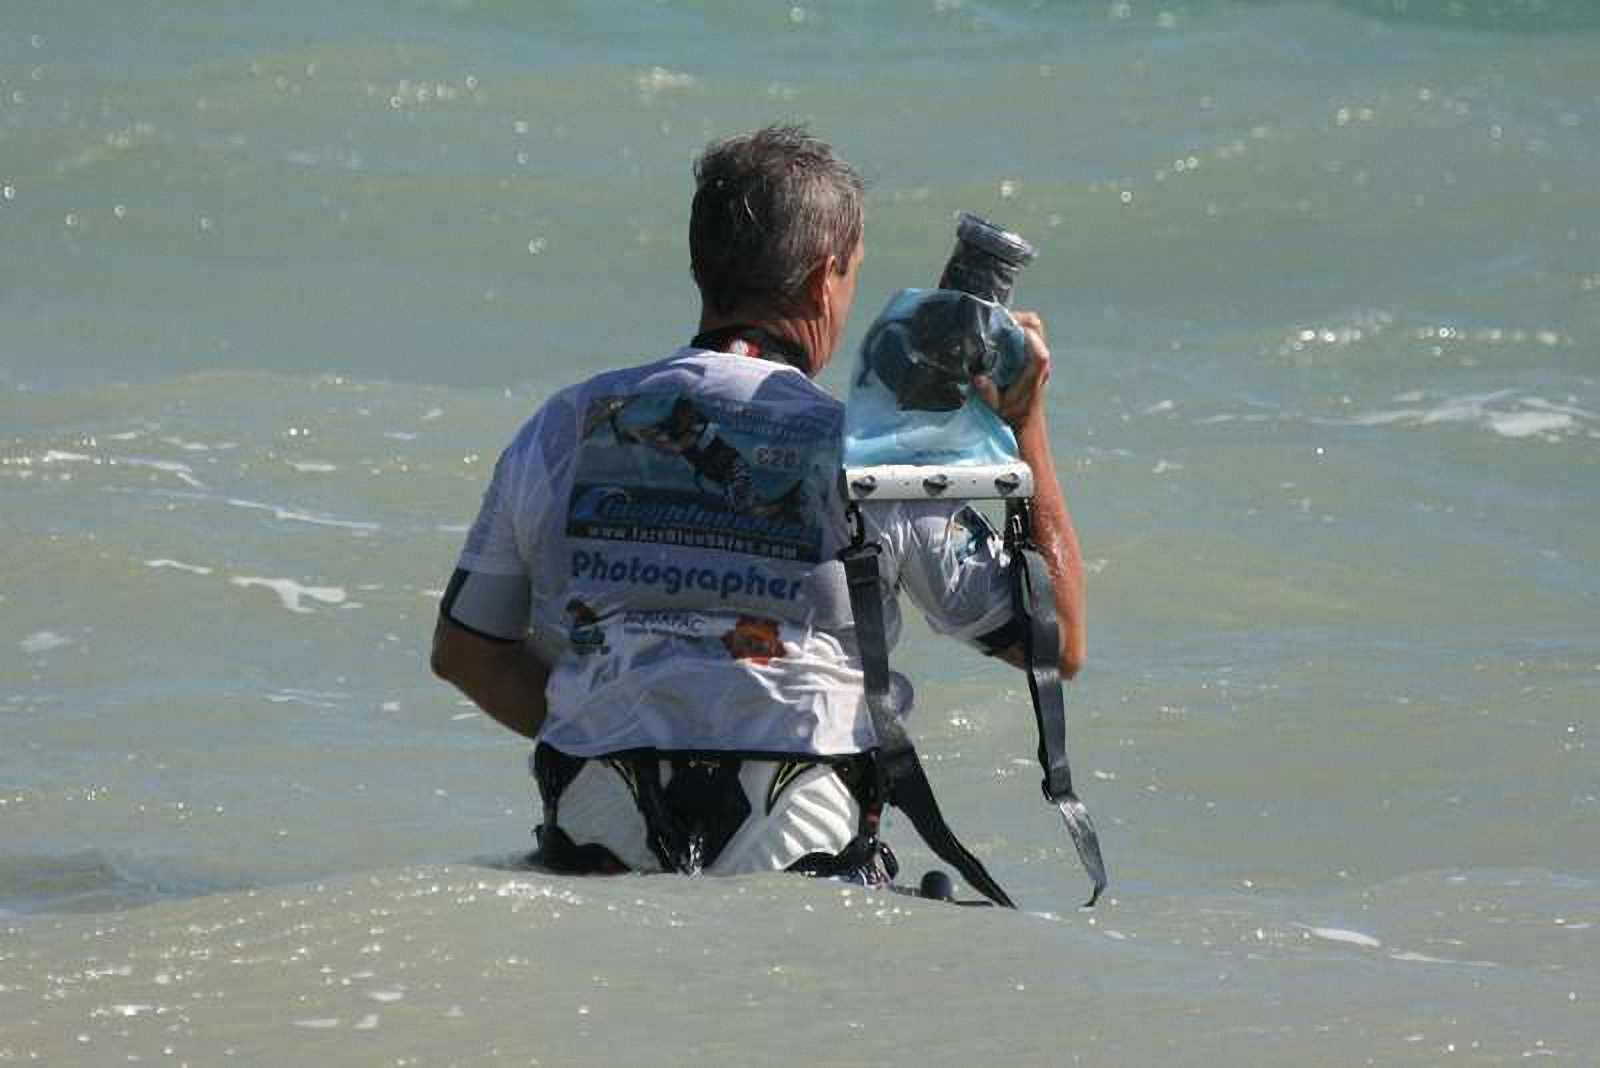 Водонепроницаемый чехол для фотоаппарата - Aquapac 458. Aquapac - №1 в мире водонепроницаемых чехлов и сумок. Фото 7